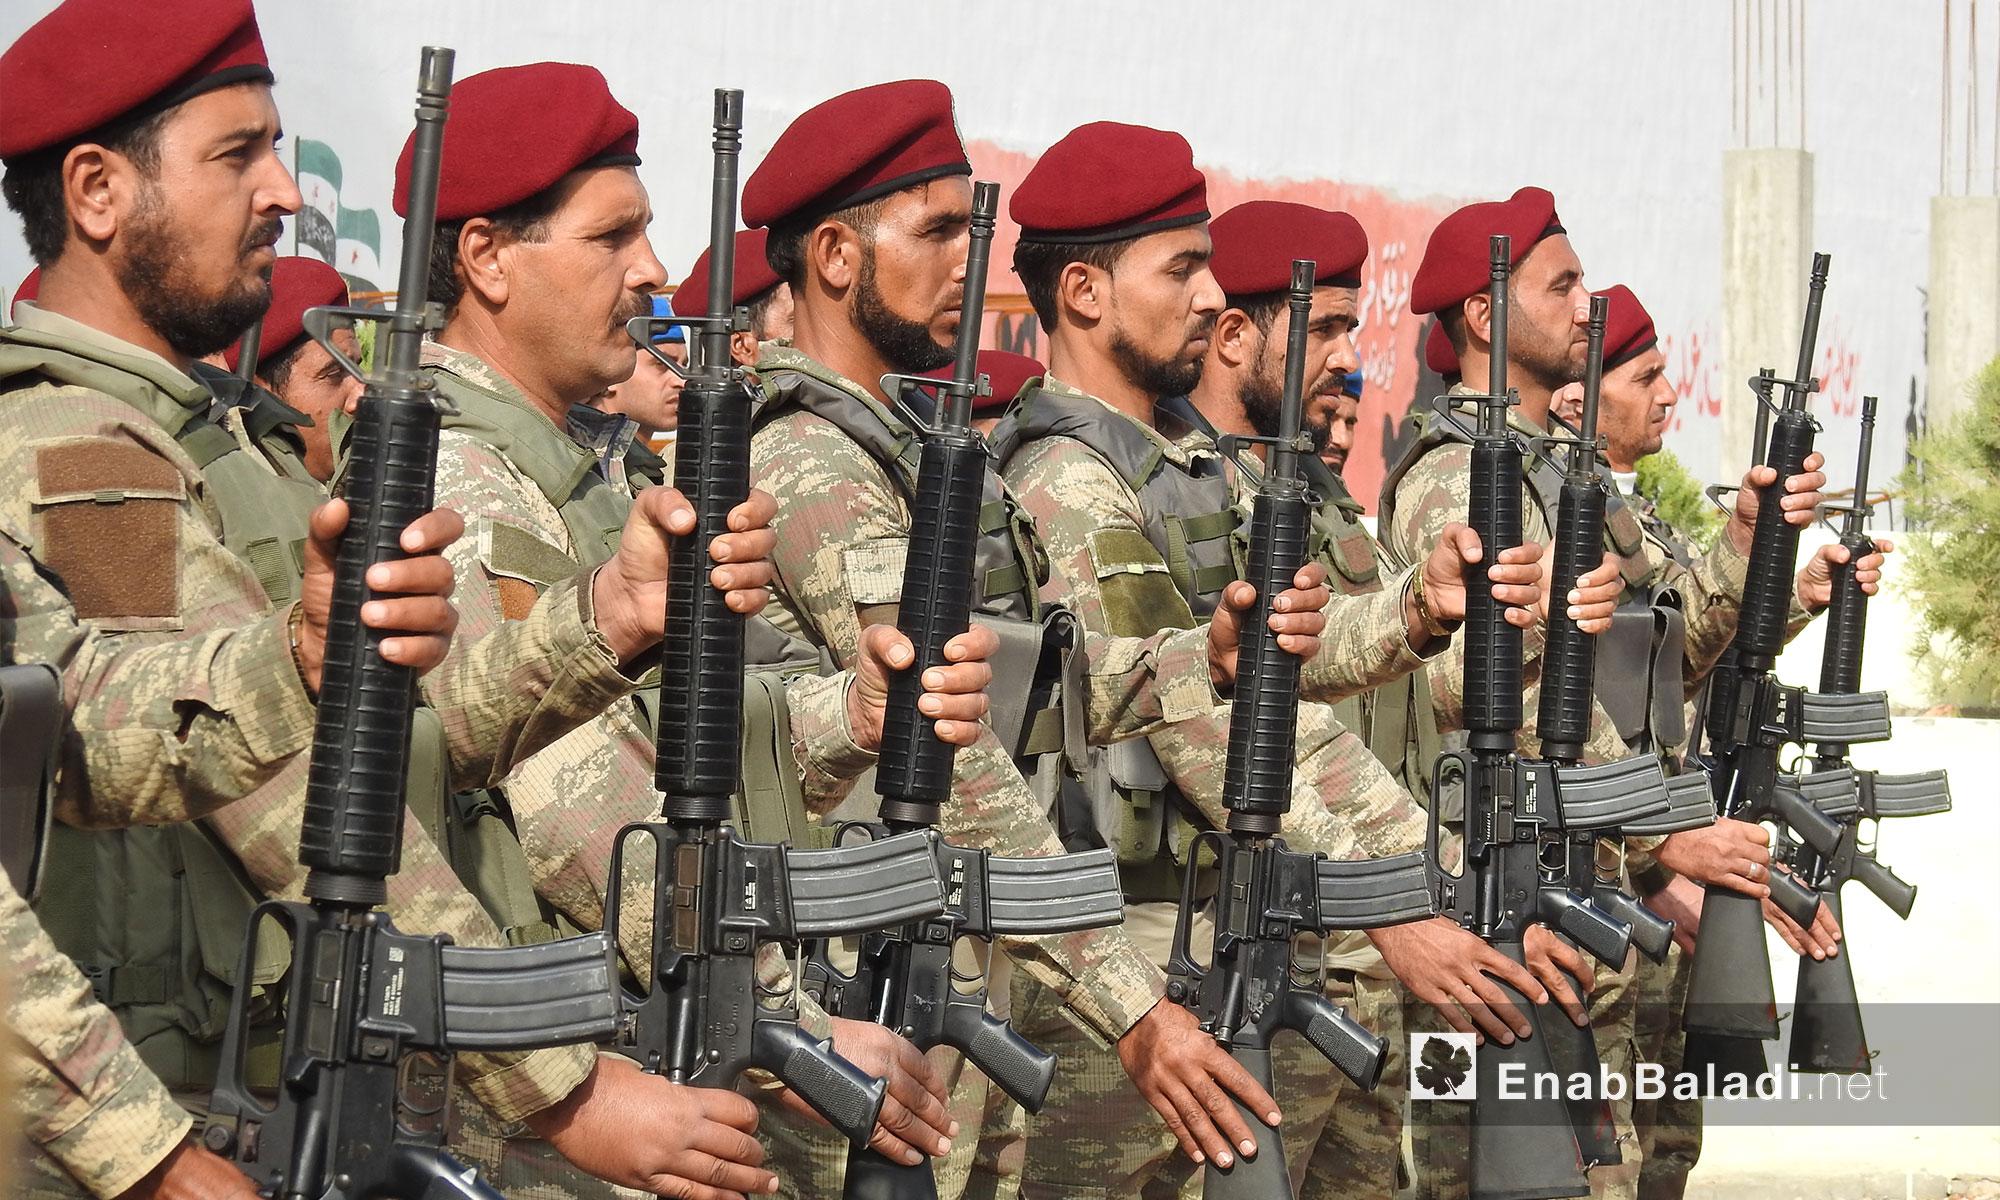 فرقة الحمزة تسلم كليتها العسكرية الى وزارة الدفاع التابعة للحكومة  السورية المؤقتة - ريف حلب الشمالي - 1 تشرين الثاني 2017 (عنب بلدي)